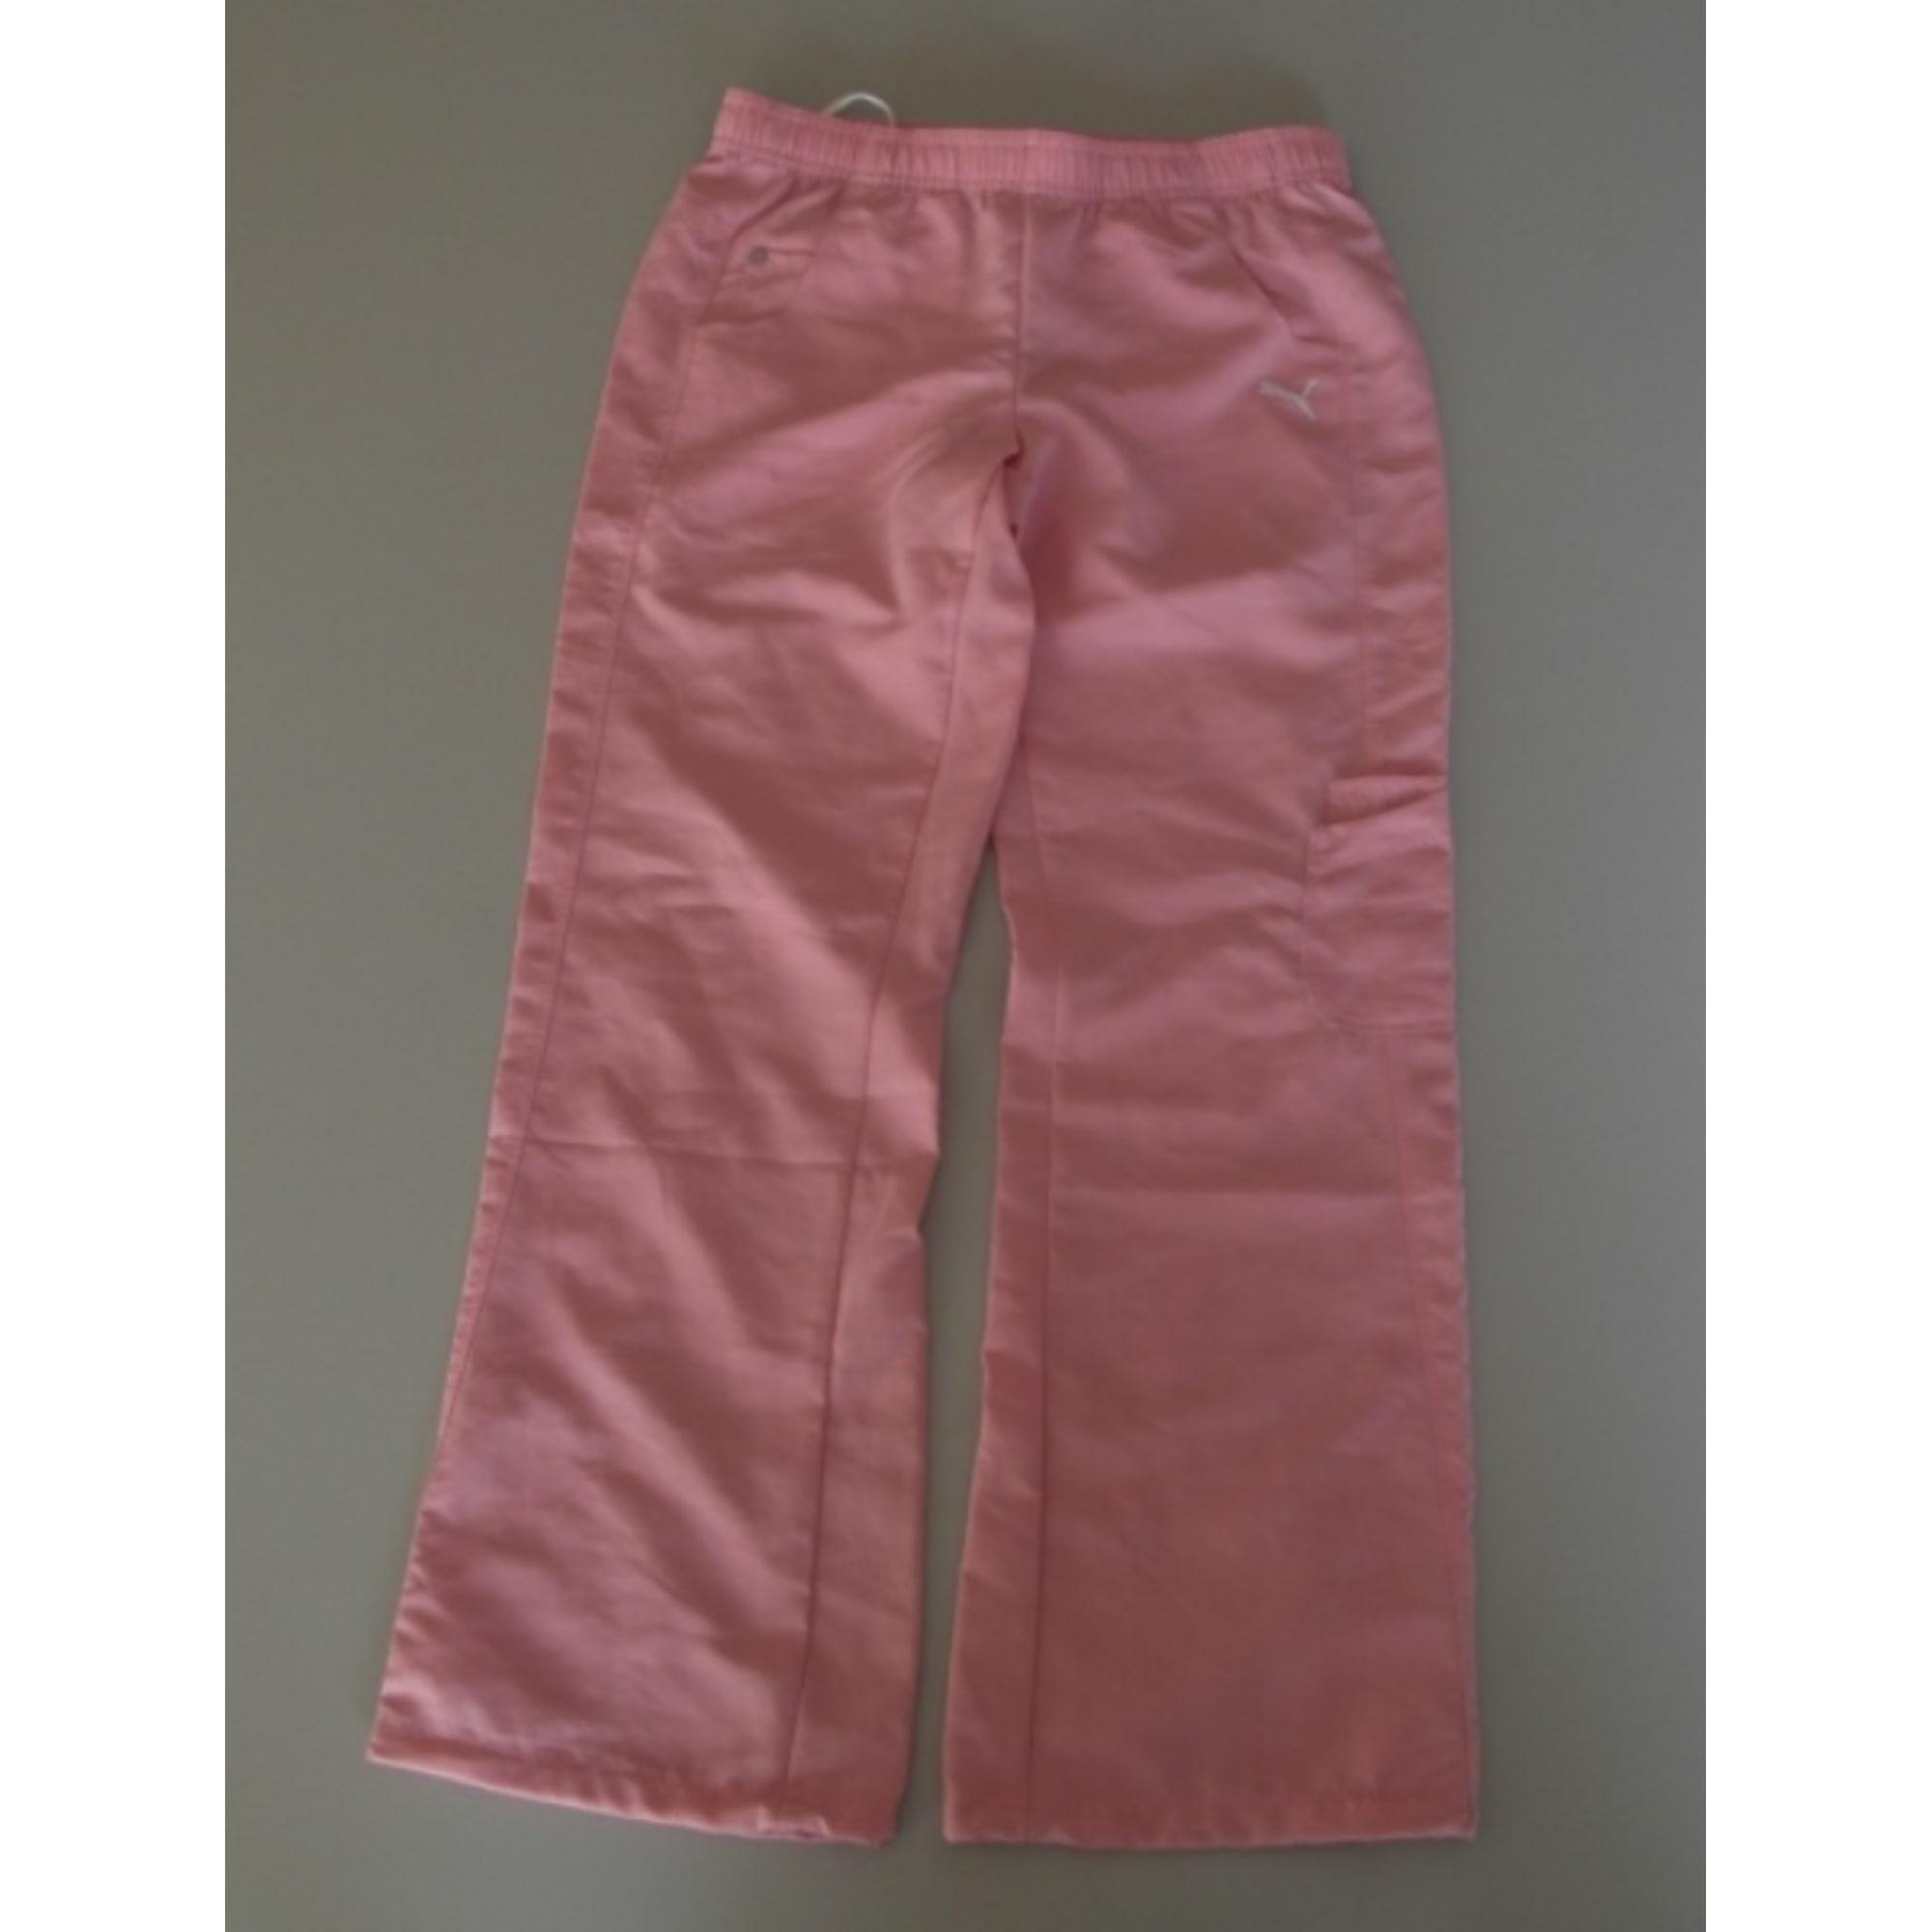 7a72cd8246579 Pantalon de survêtement PUMA synthétique rose 11-12 ans